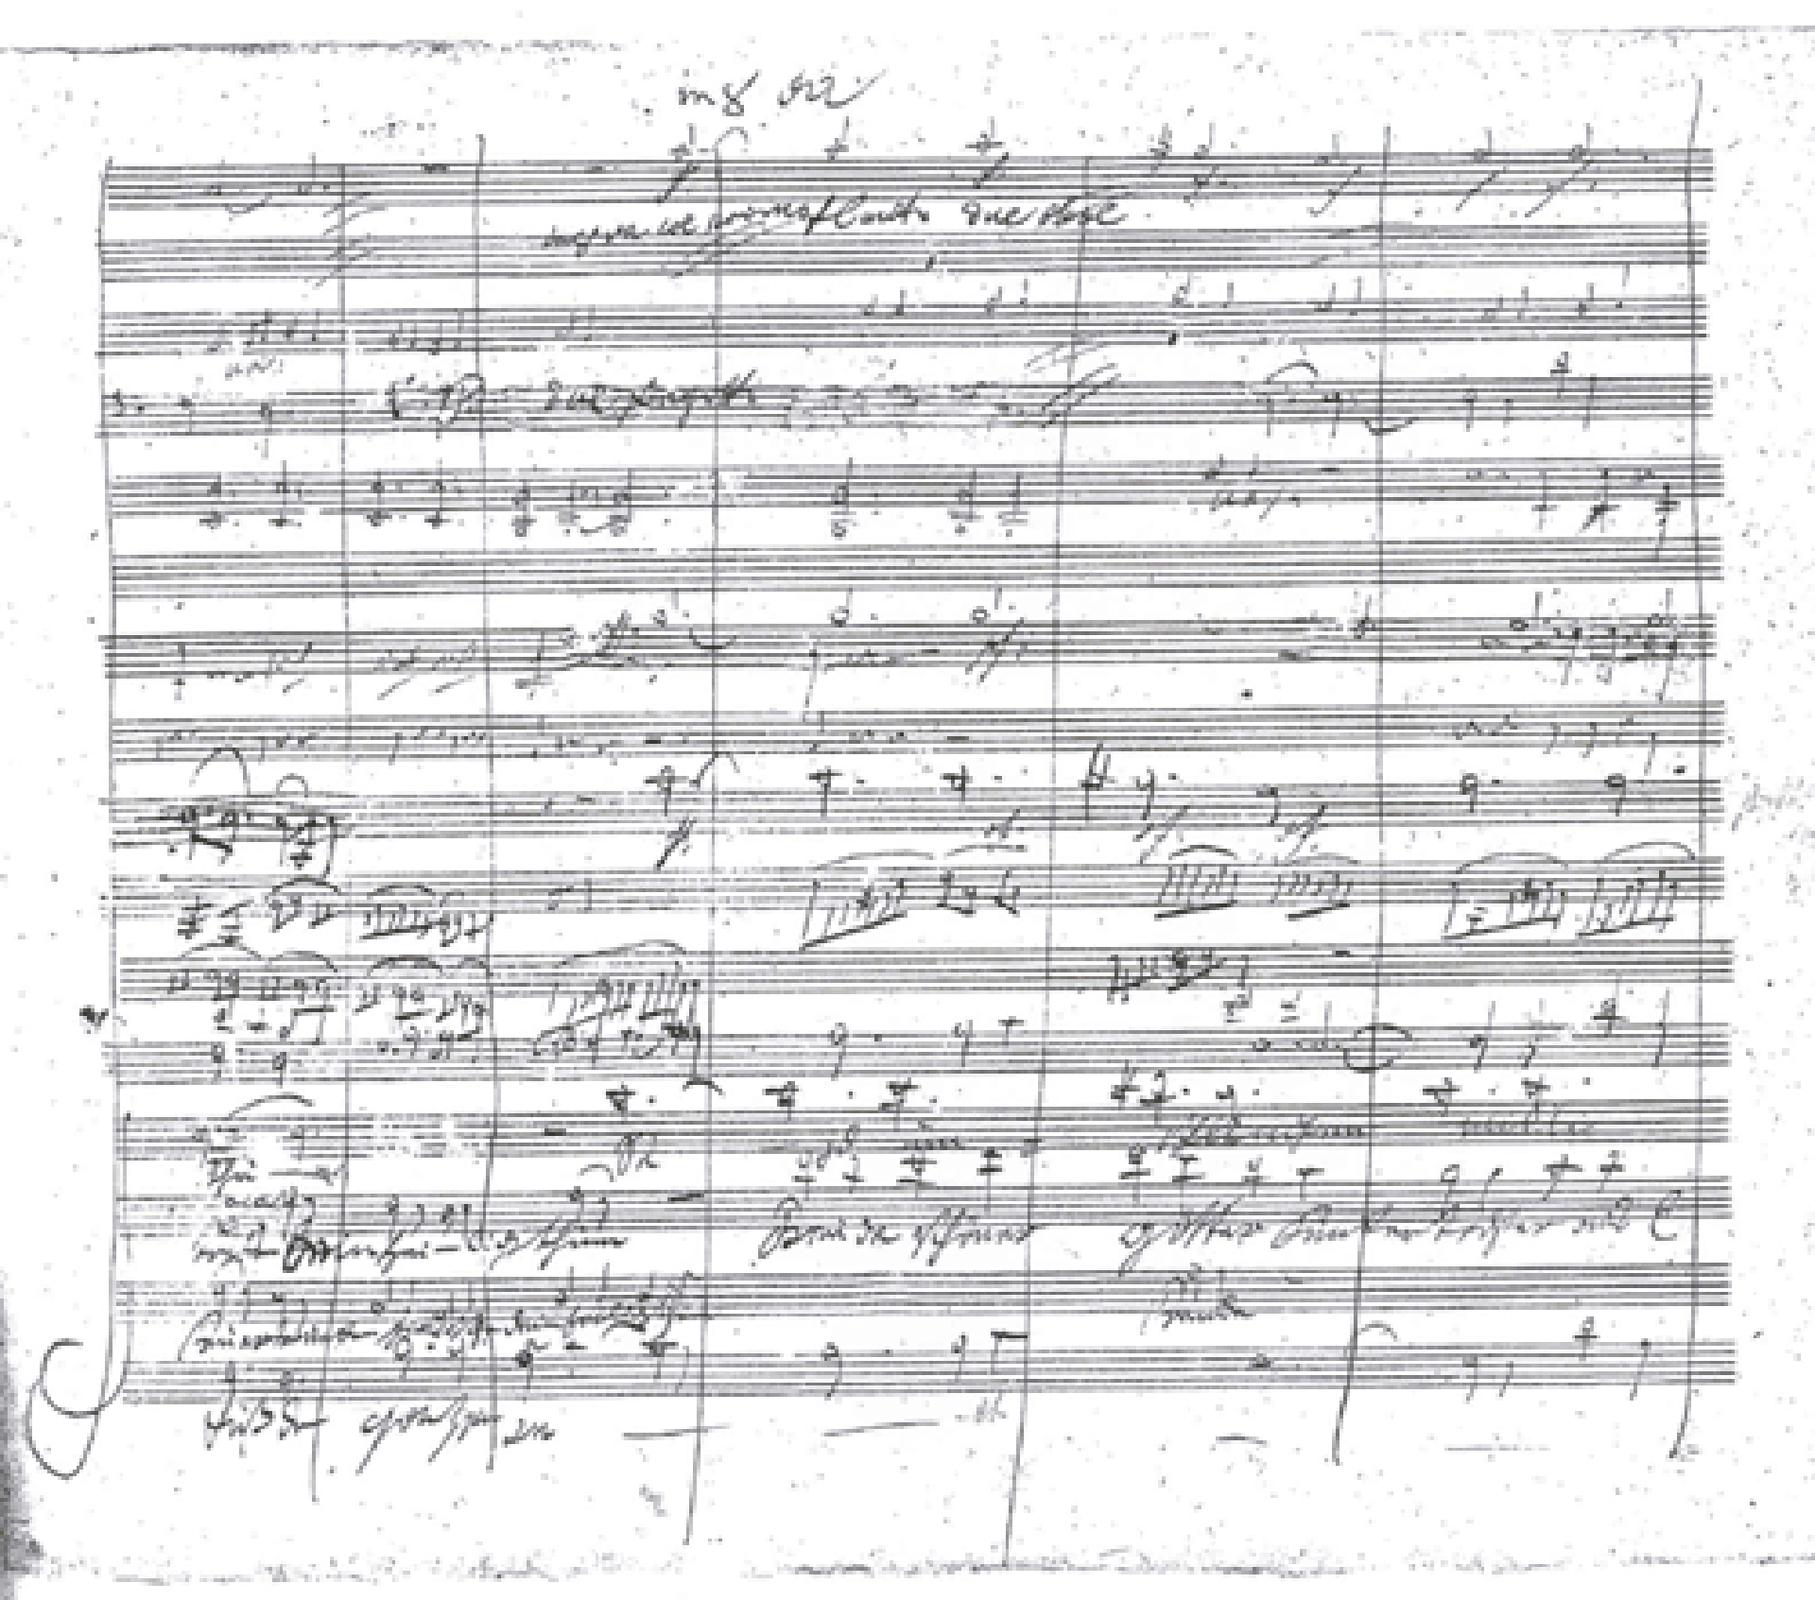 Ilustracja przedstawia rękopis IX symfonii d-moll op. 125 napisanych przez Ludwiga van Beethovena.